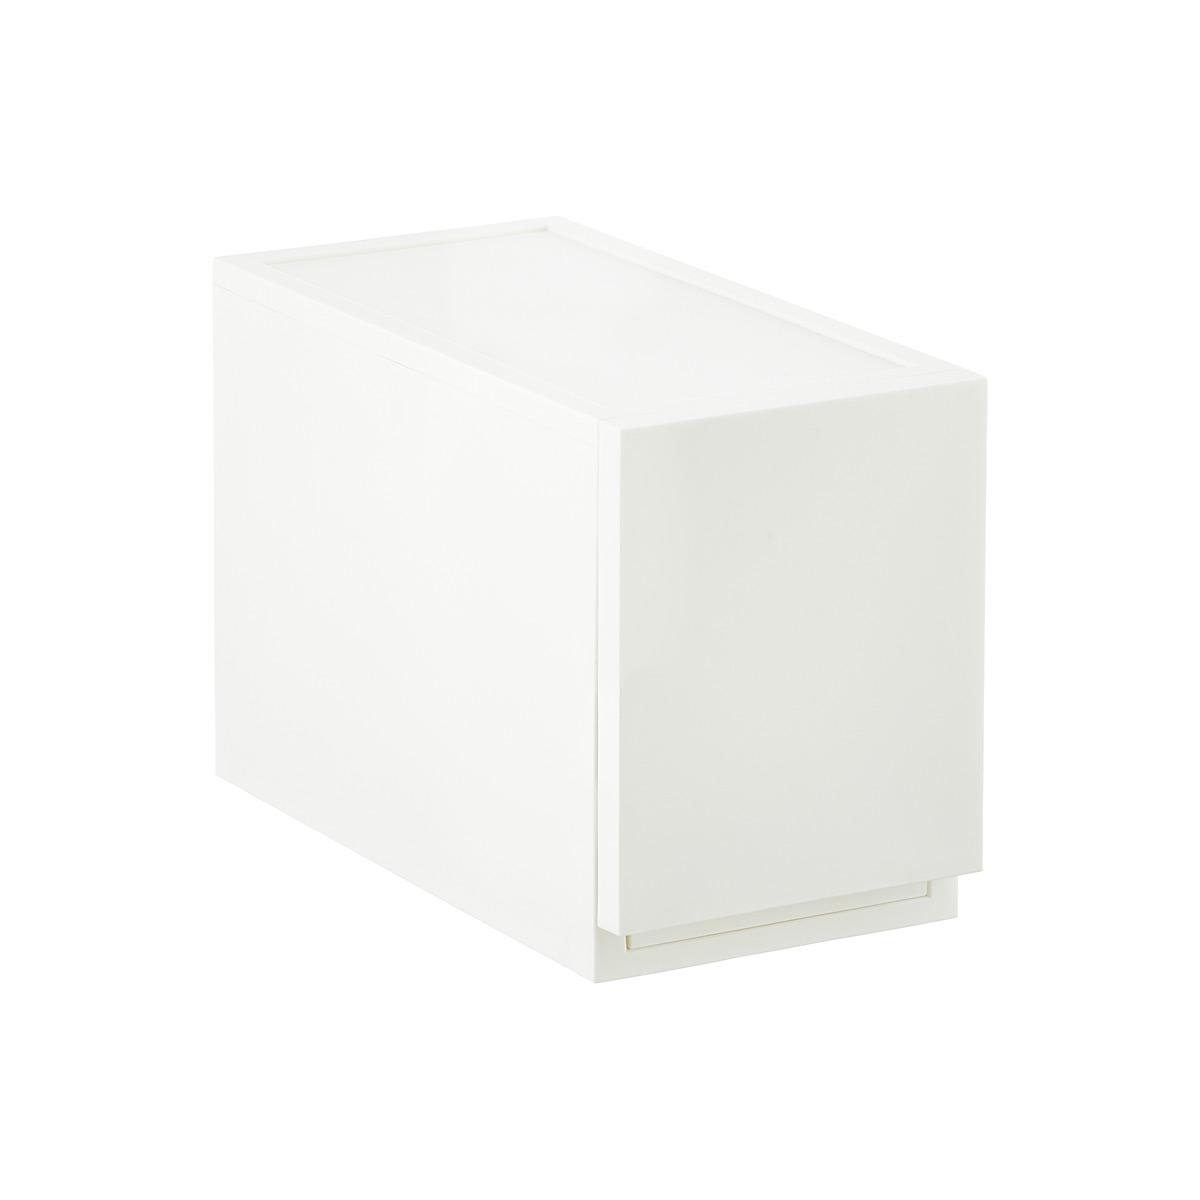 Opaque Modular Stacking Drawer